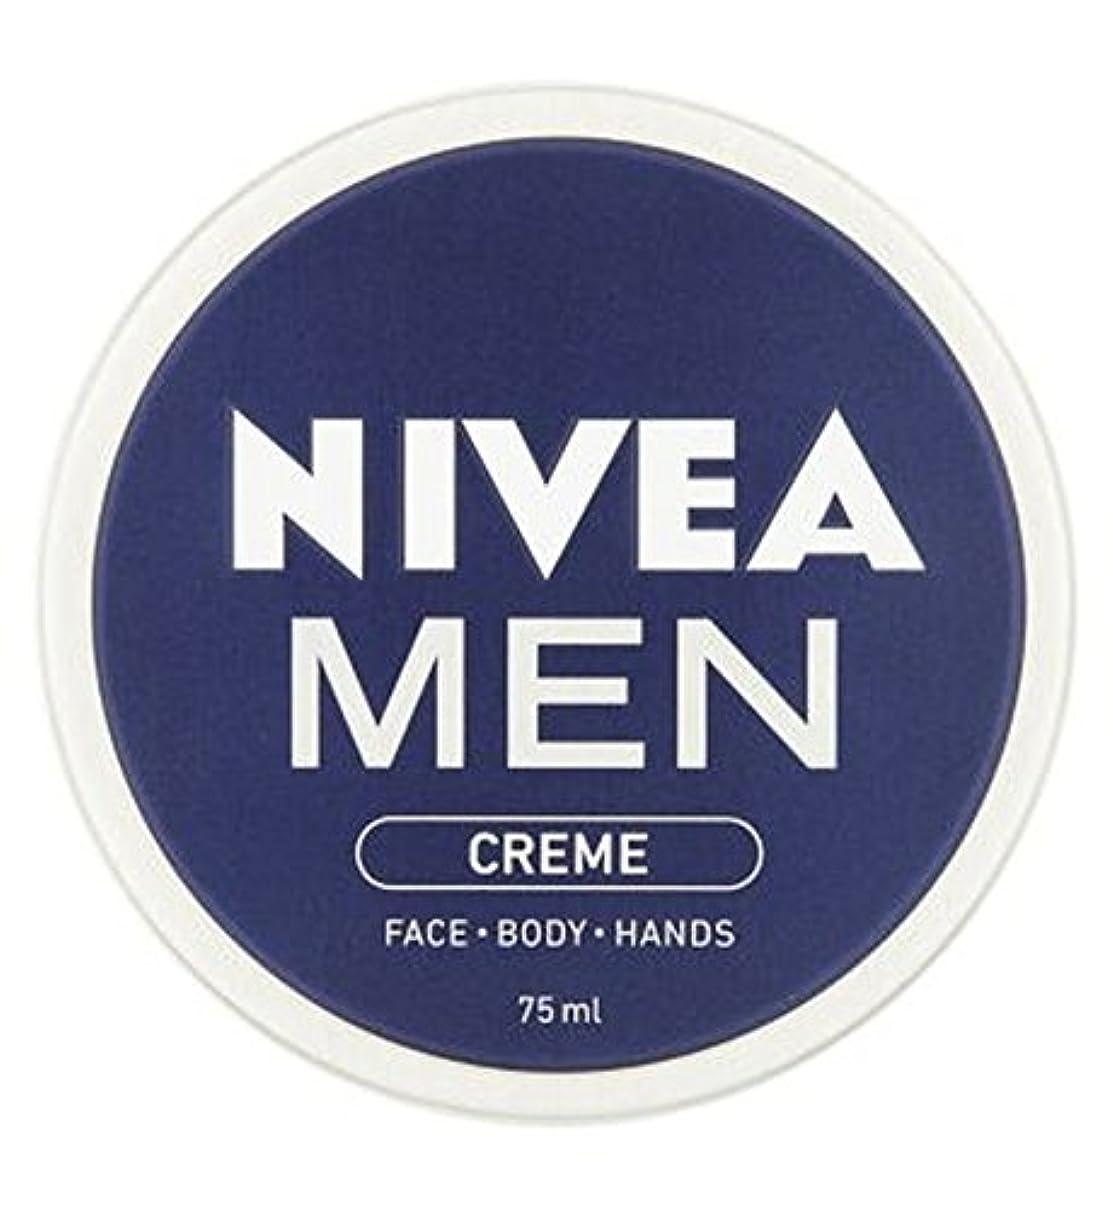 シェード小石お別れニベアの男性は75ミリリットルをクリーム (Nivea) (x2) - NIVEA MEN Creme 75ml (Pack of 2) [並行輸入品]